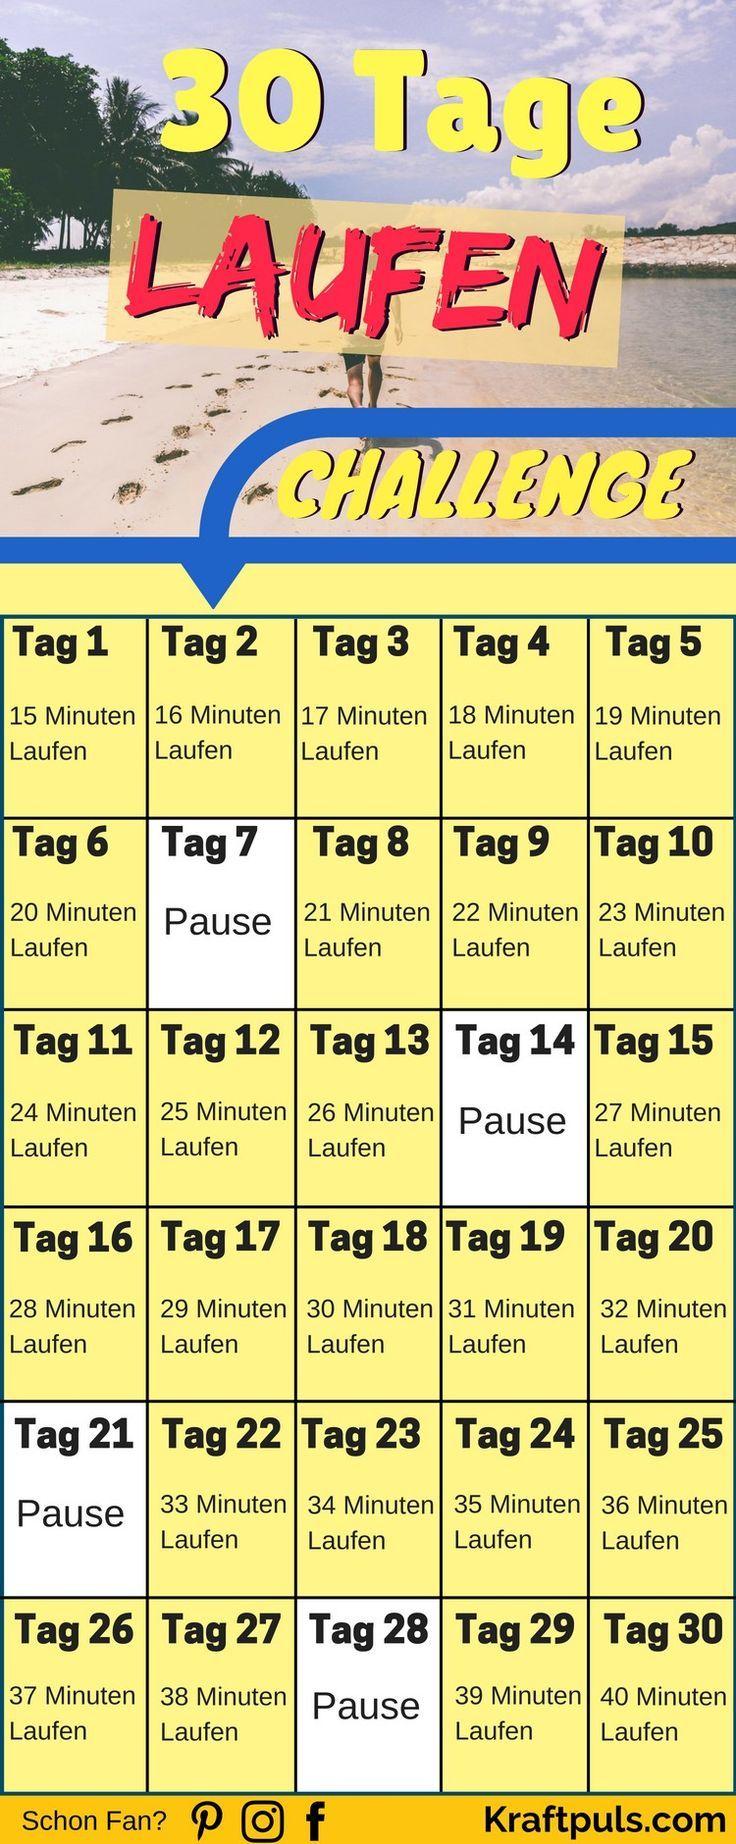 30-Tage Laufen Challenge: So verbrennst du über 10.000 Kalorien!